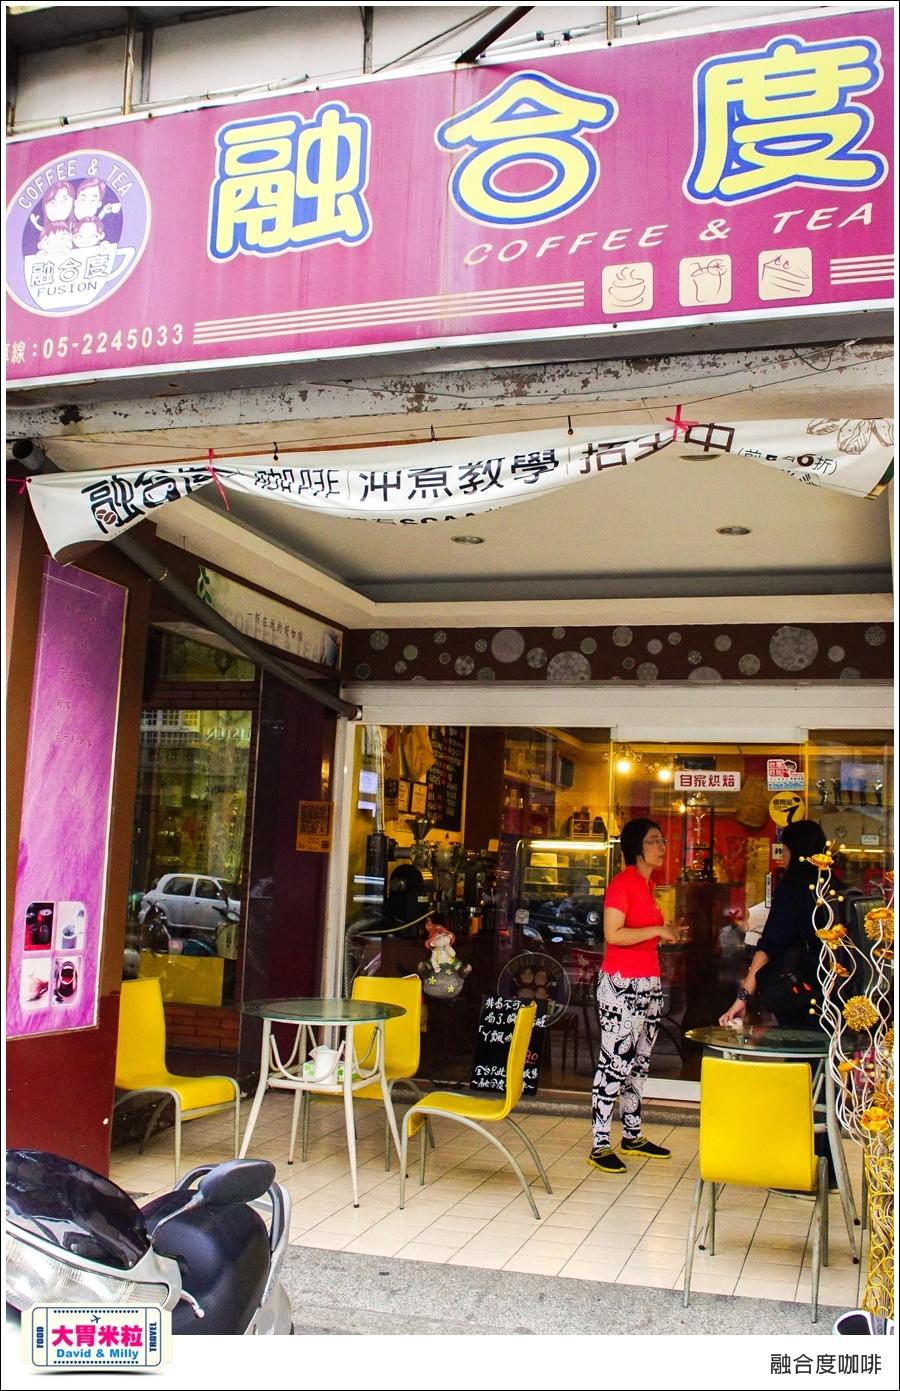 嘉義咖啡推薦@嘉義融合度咖啡@大胃米粒001.jpg